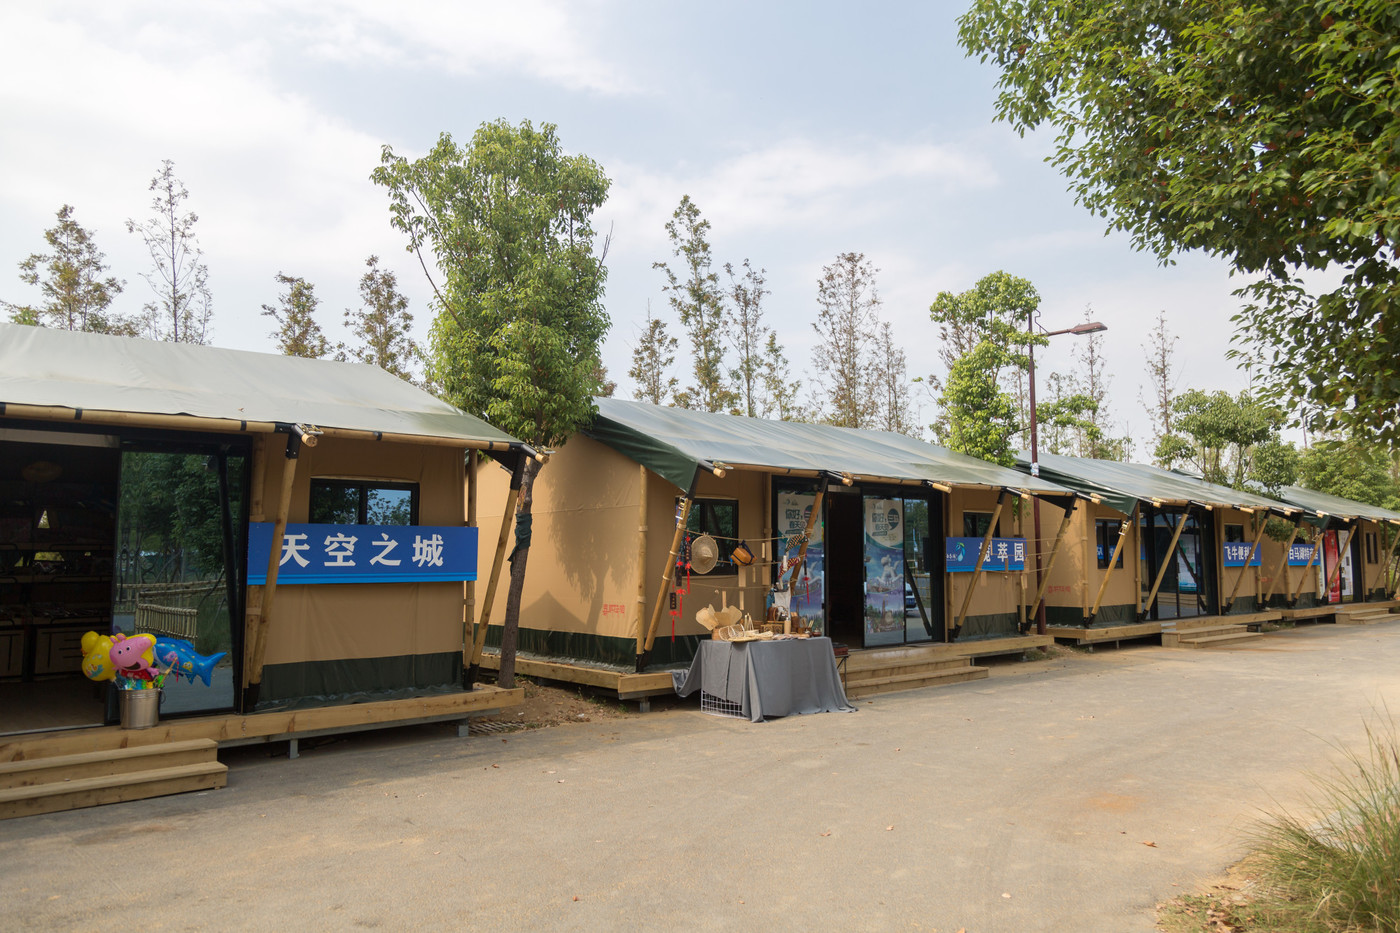 餐厅、办公室、商铺帐篷酒店4